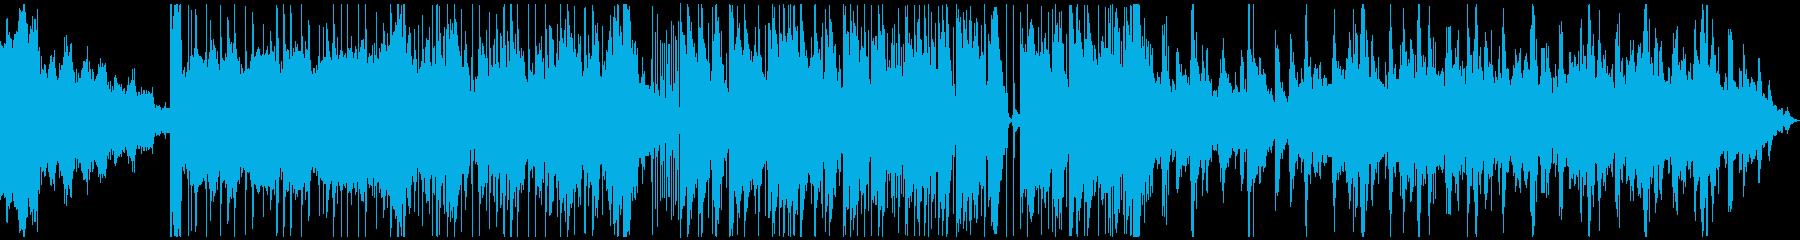 エネルギッシュな気合の入った楽曲です。の再生済みの波形